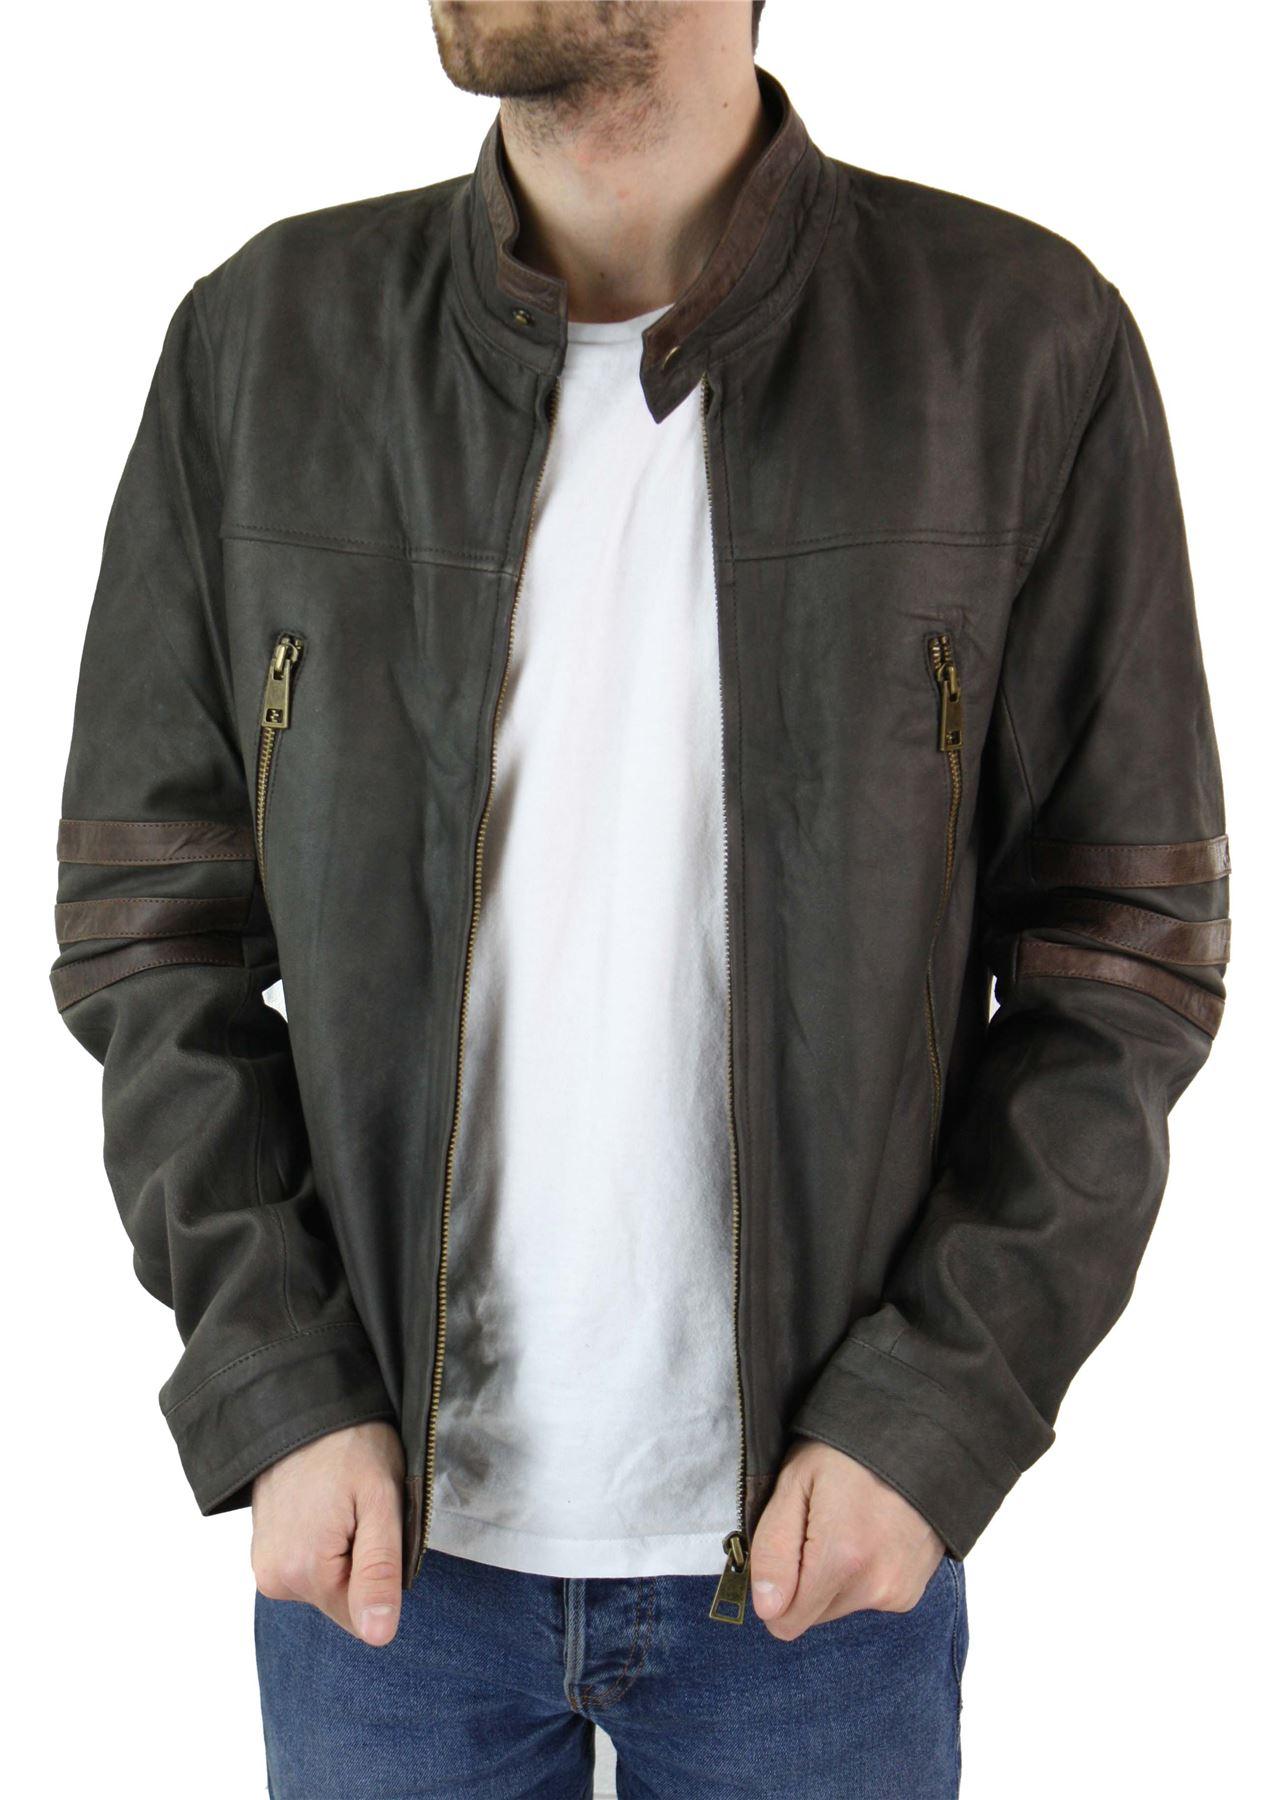 Blouson cuir véritable noir ou marron style X-Men Wolverine biker ... 2d01d9371c15